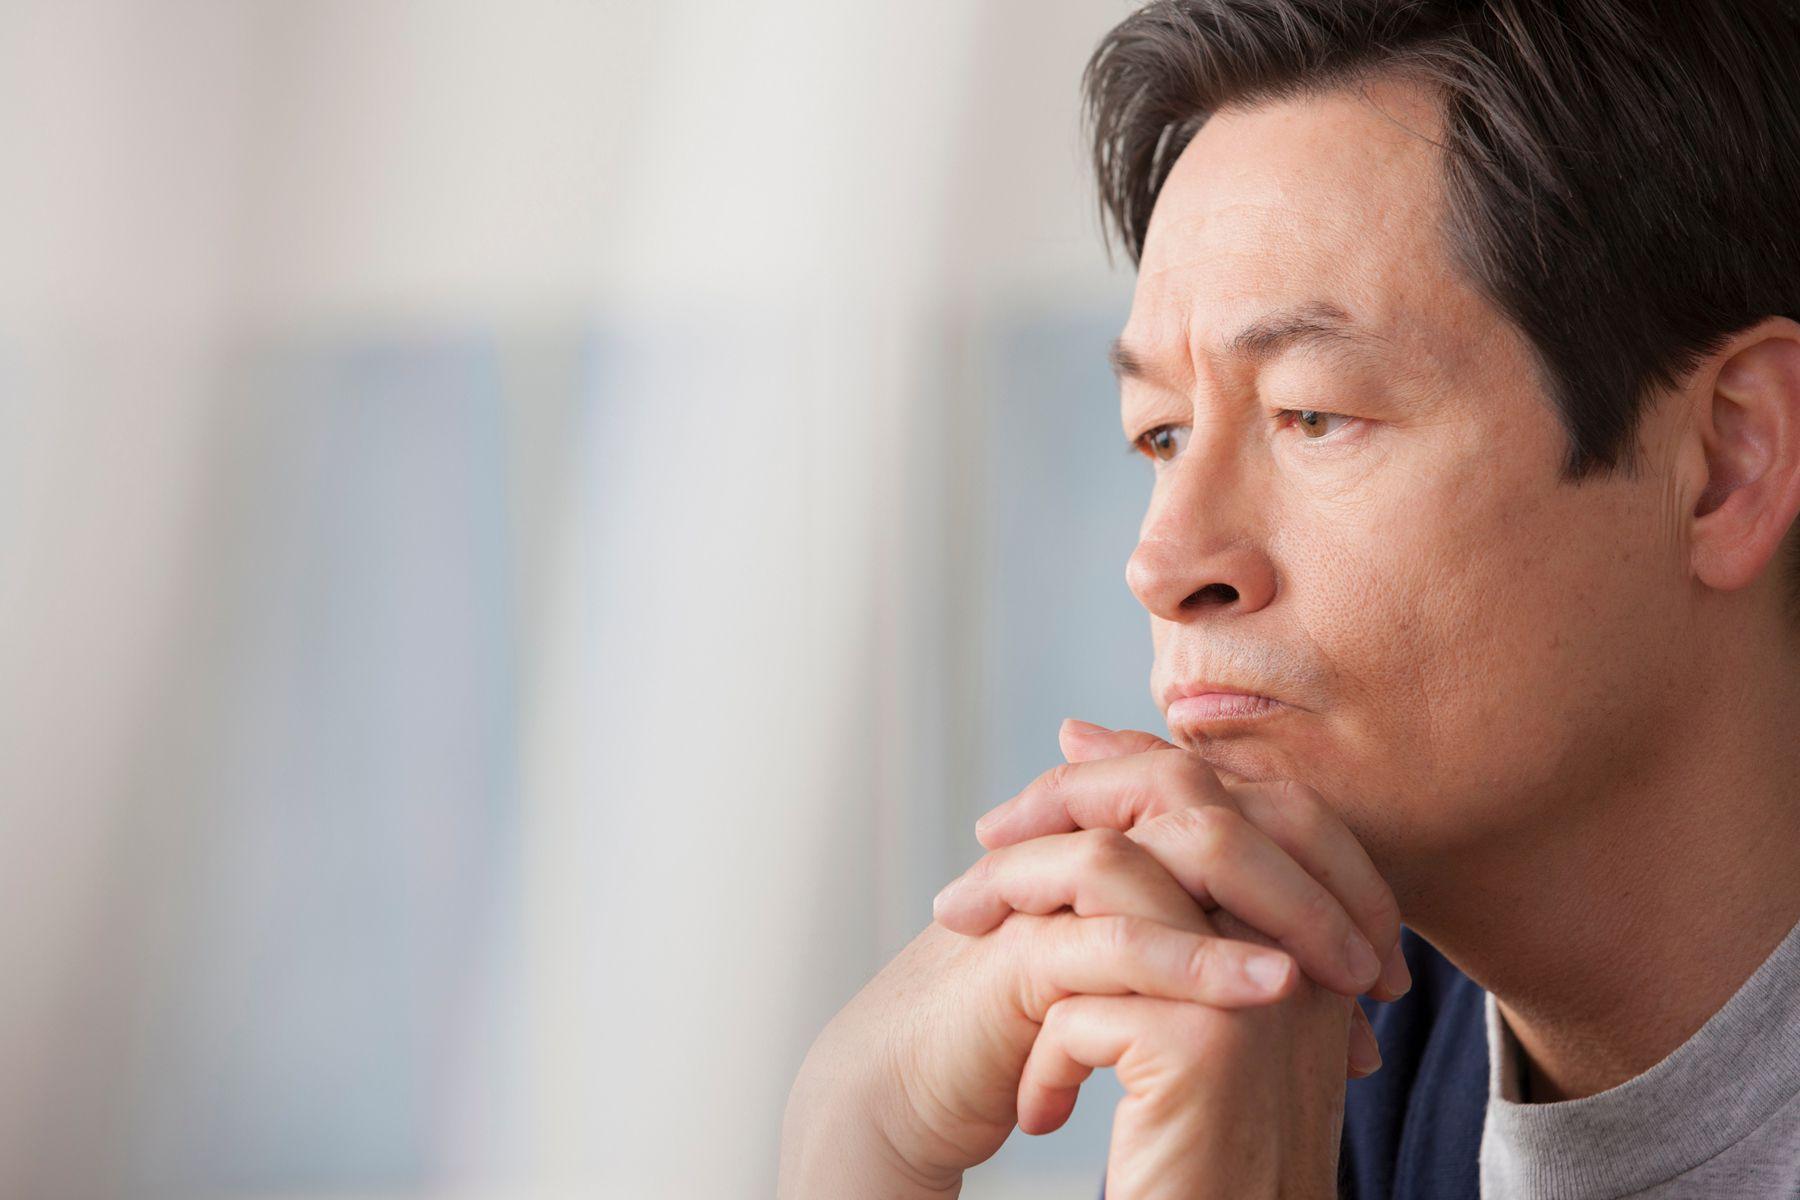 Неправильные образцы мышления, которые подвергают вас риску рецидива курения